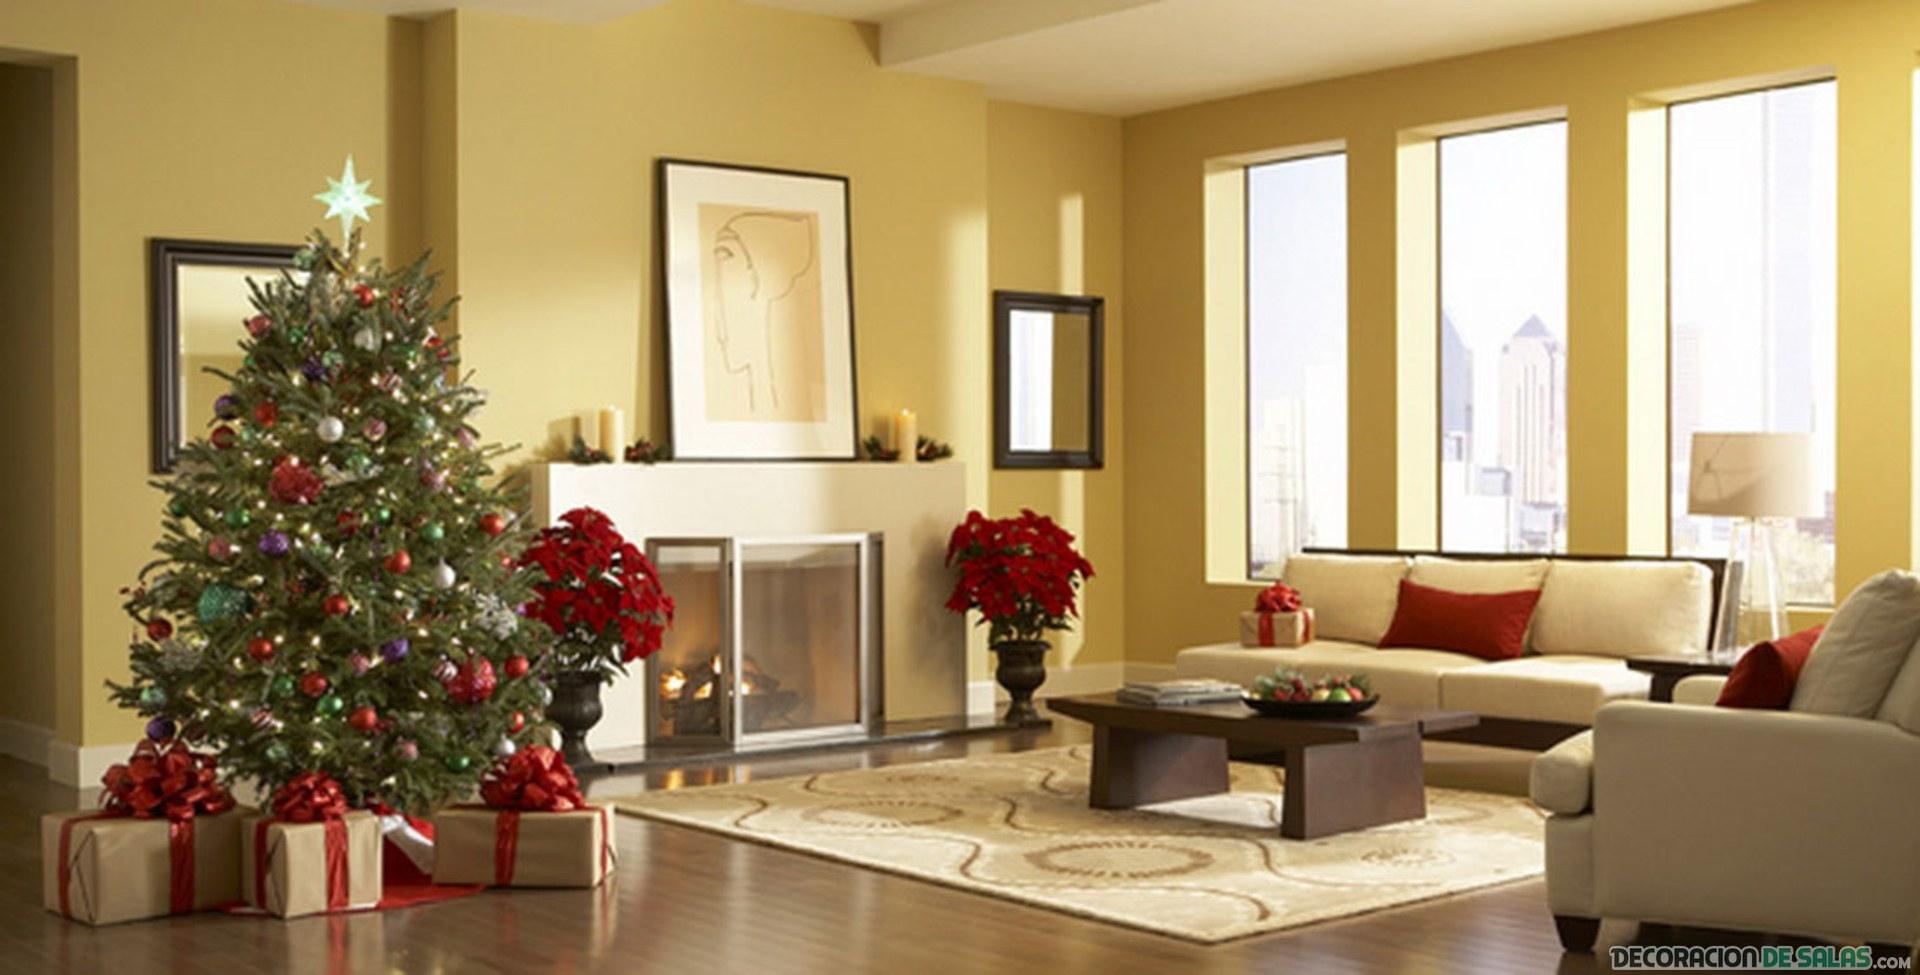 salón moderno con decoración navideña